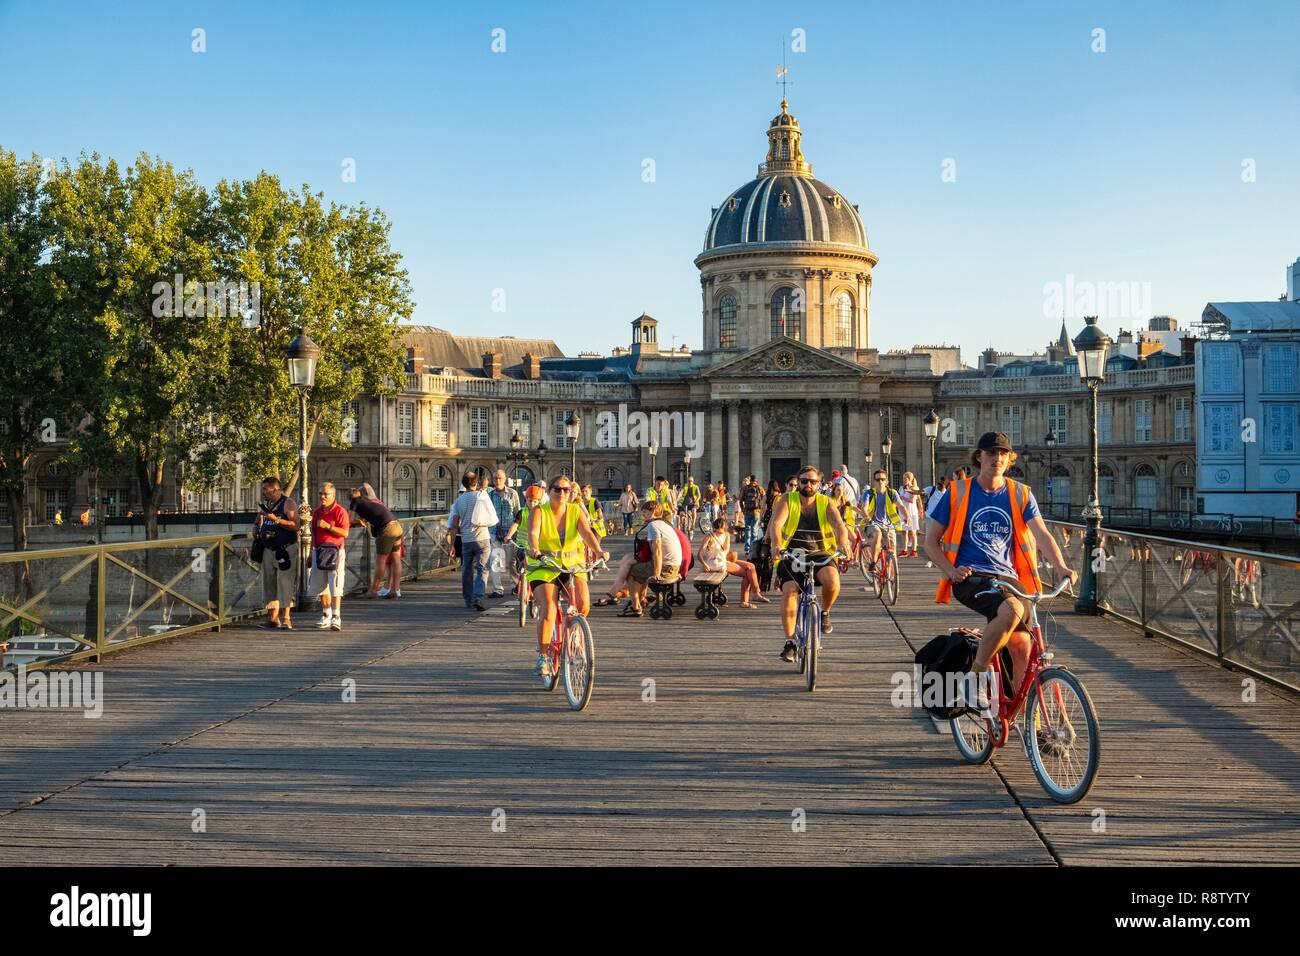 France, Paris, les bords de Seine classés UNESCO, la passerelle des arts et l'Institut de France, tour de vélo pour visiter Paris Banque D'Images